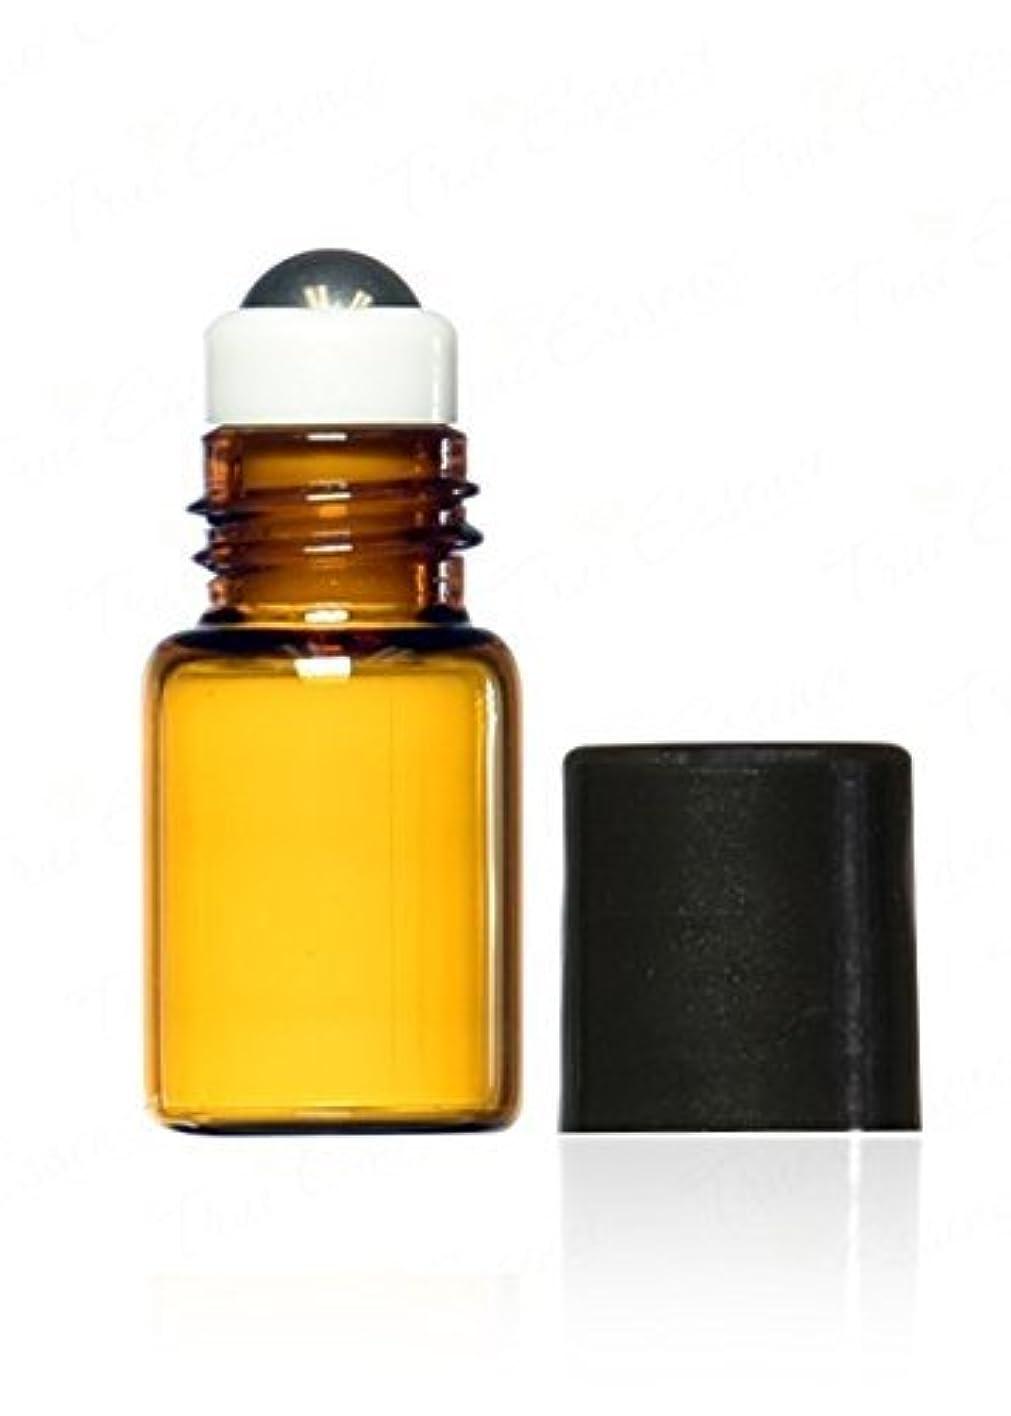 めったにキャラバンエレメンタルTrue Essence 3 ml, 3/4 Dram Amber Glass Mini Roll-on Glass Bottles with Metal Roller Balls - Refillable Aromatherapy...